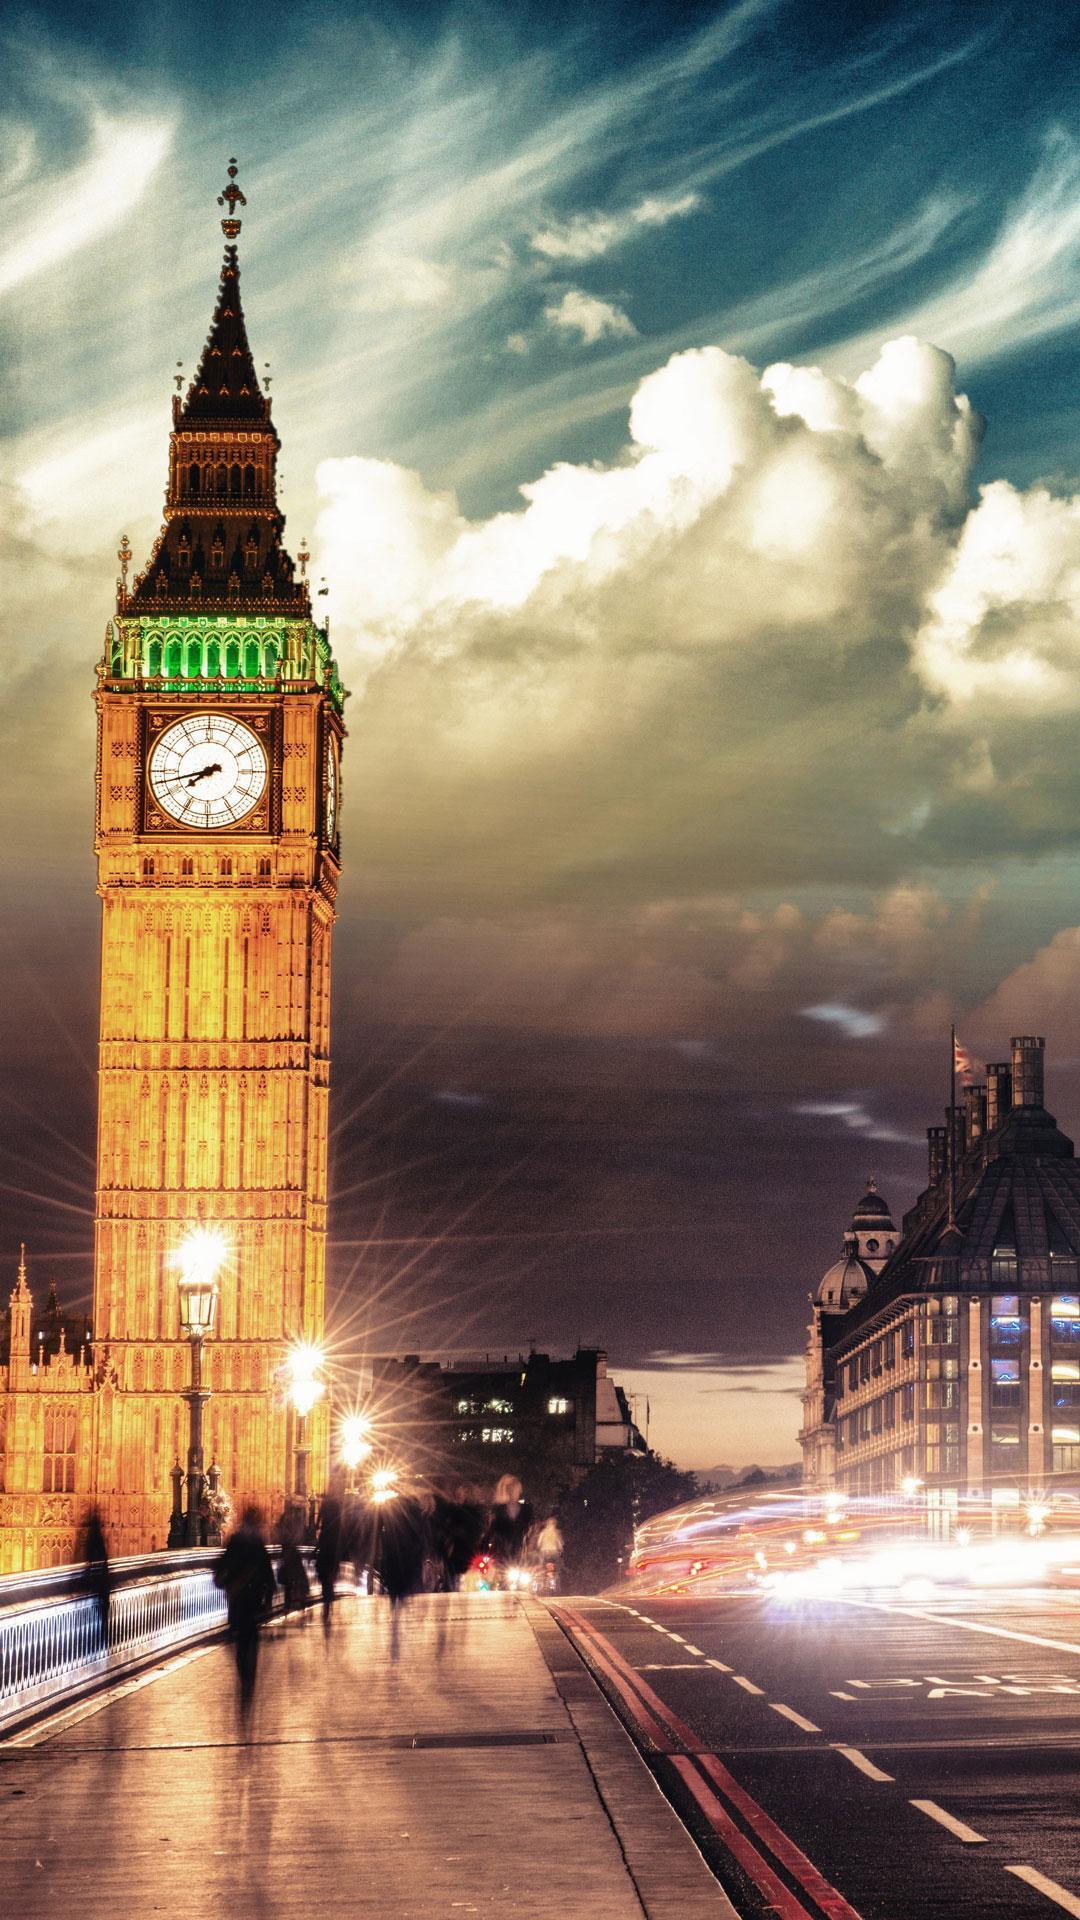 Android 用の ロンドン ライブ壁紙 Apk をダウンロード